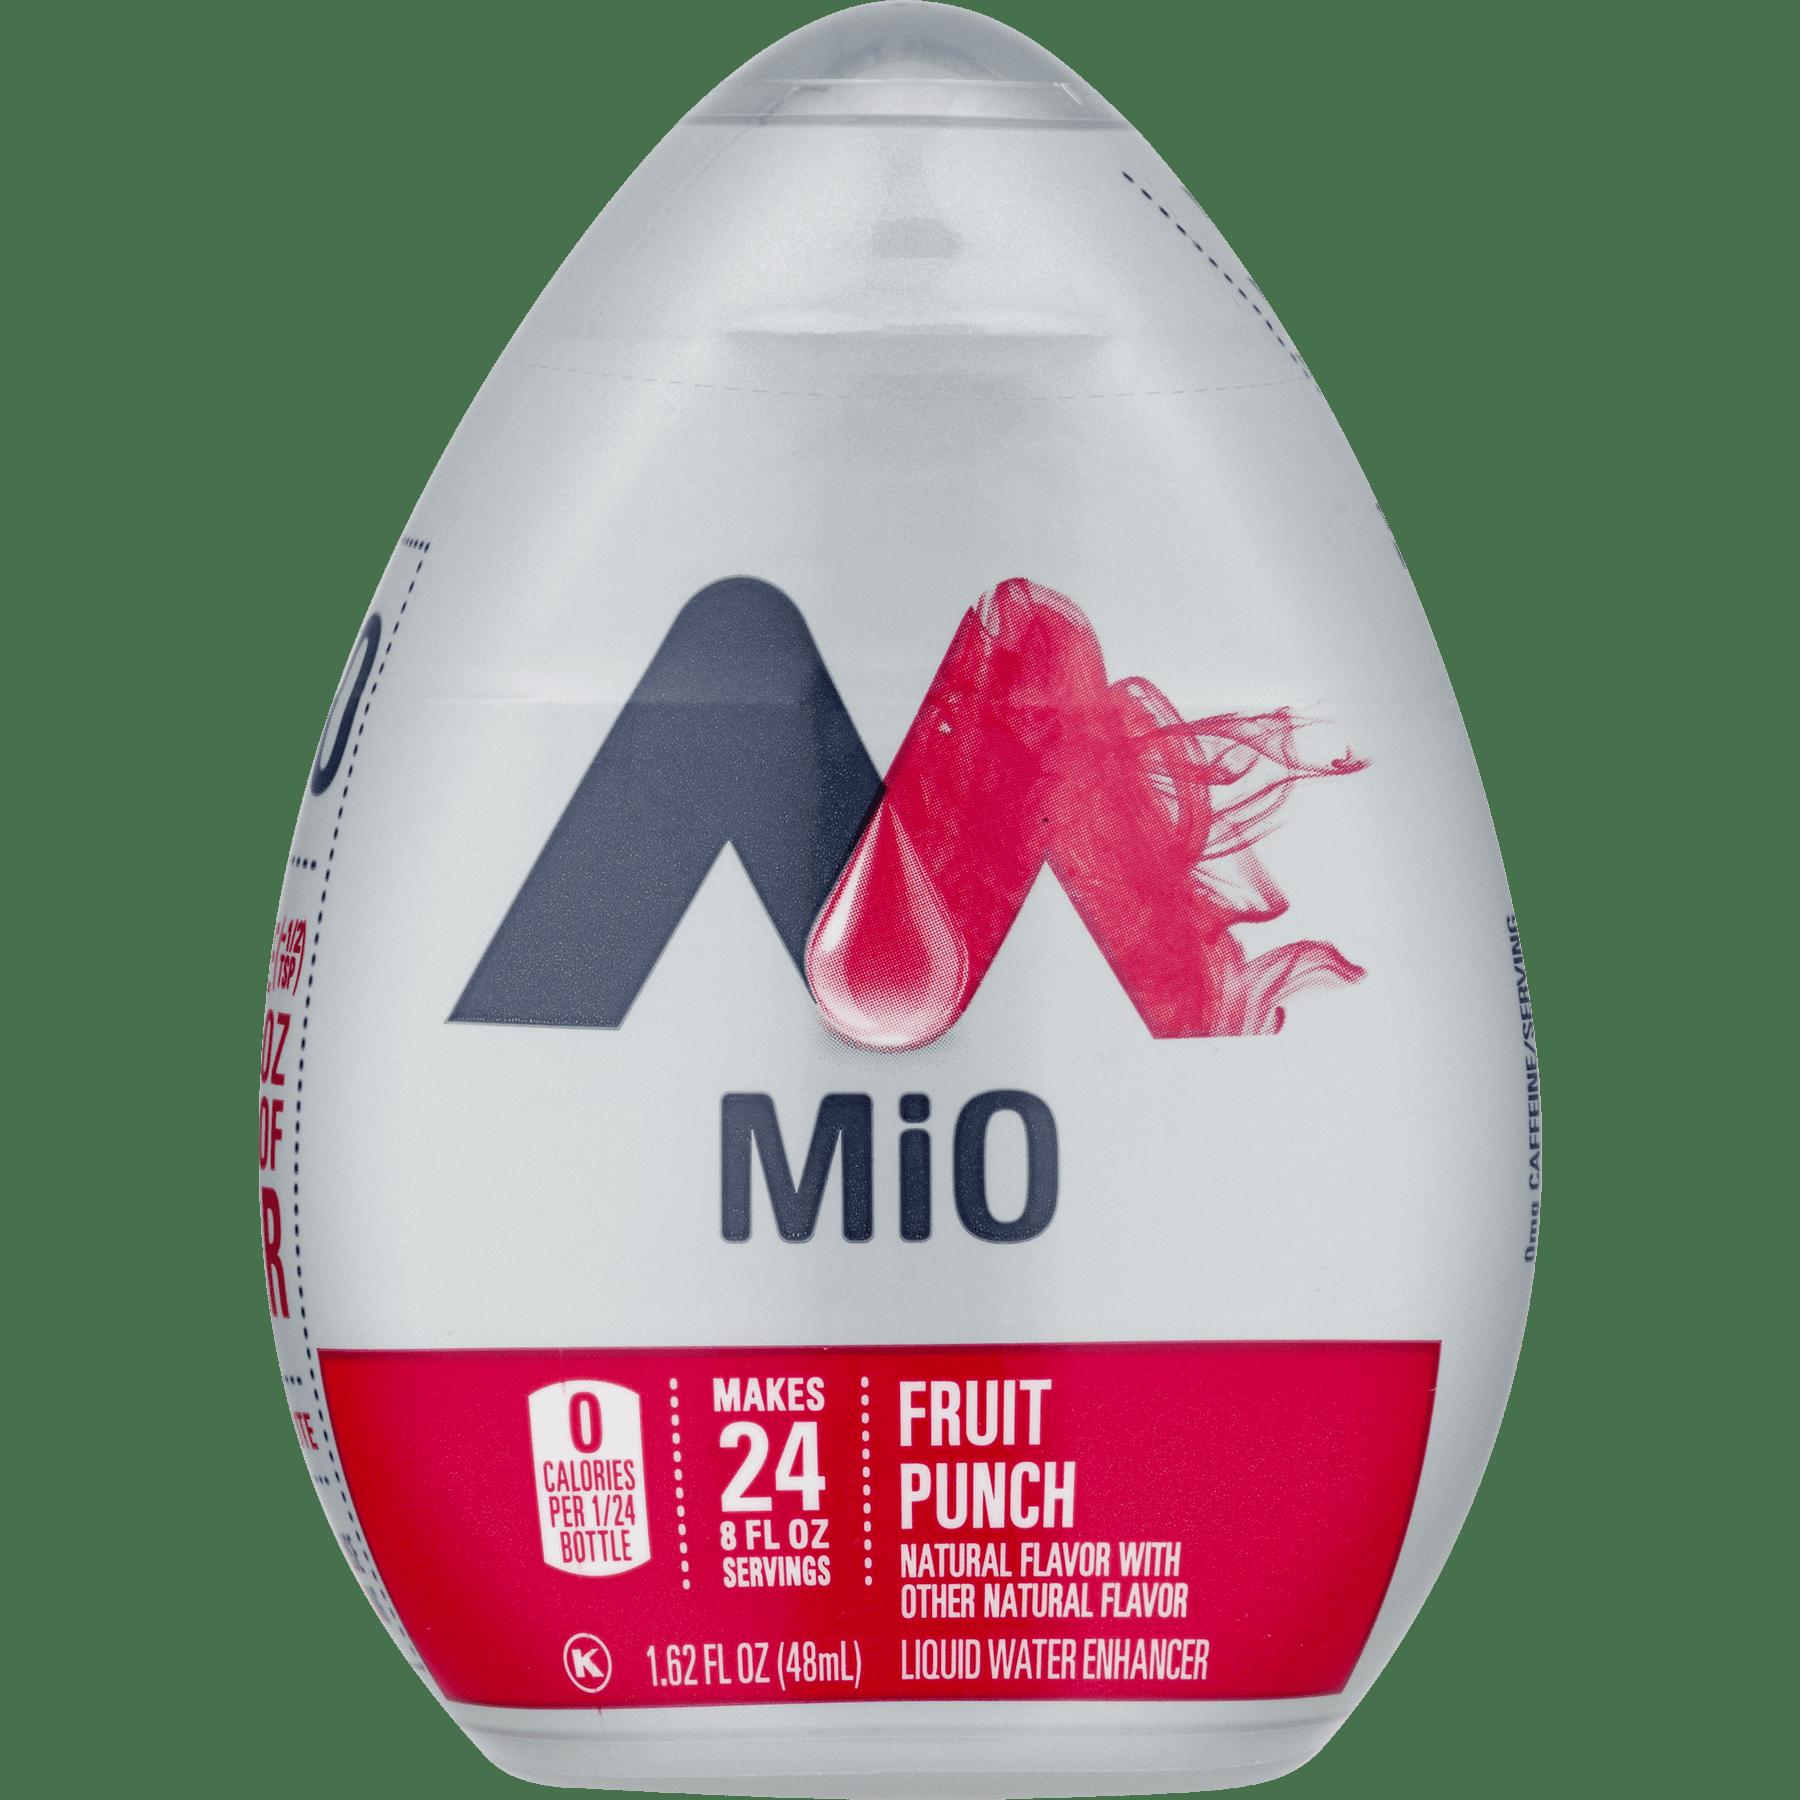 Mio Liquid Water Enhancer, Fruit Punch, 1.62 Fl Oz, 1 Count